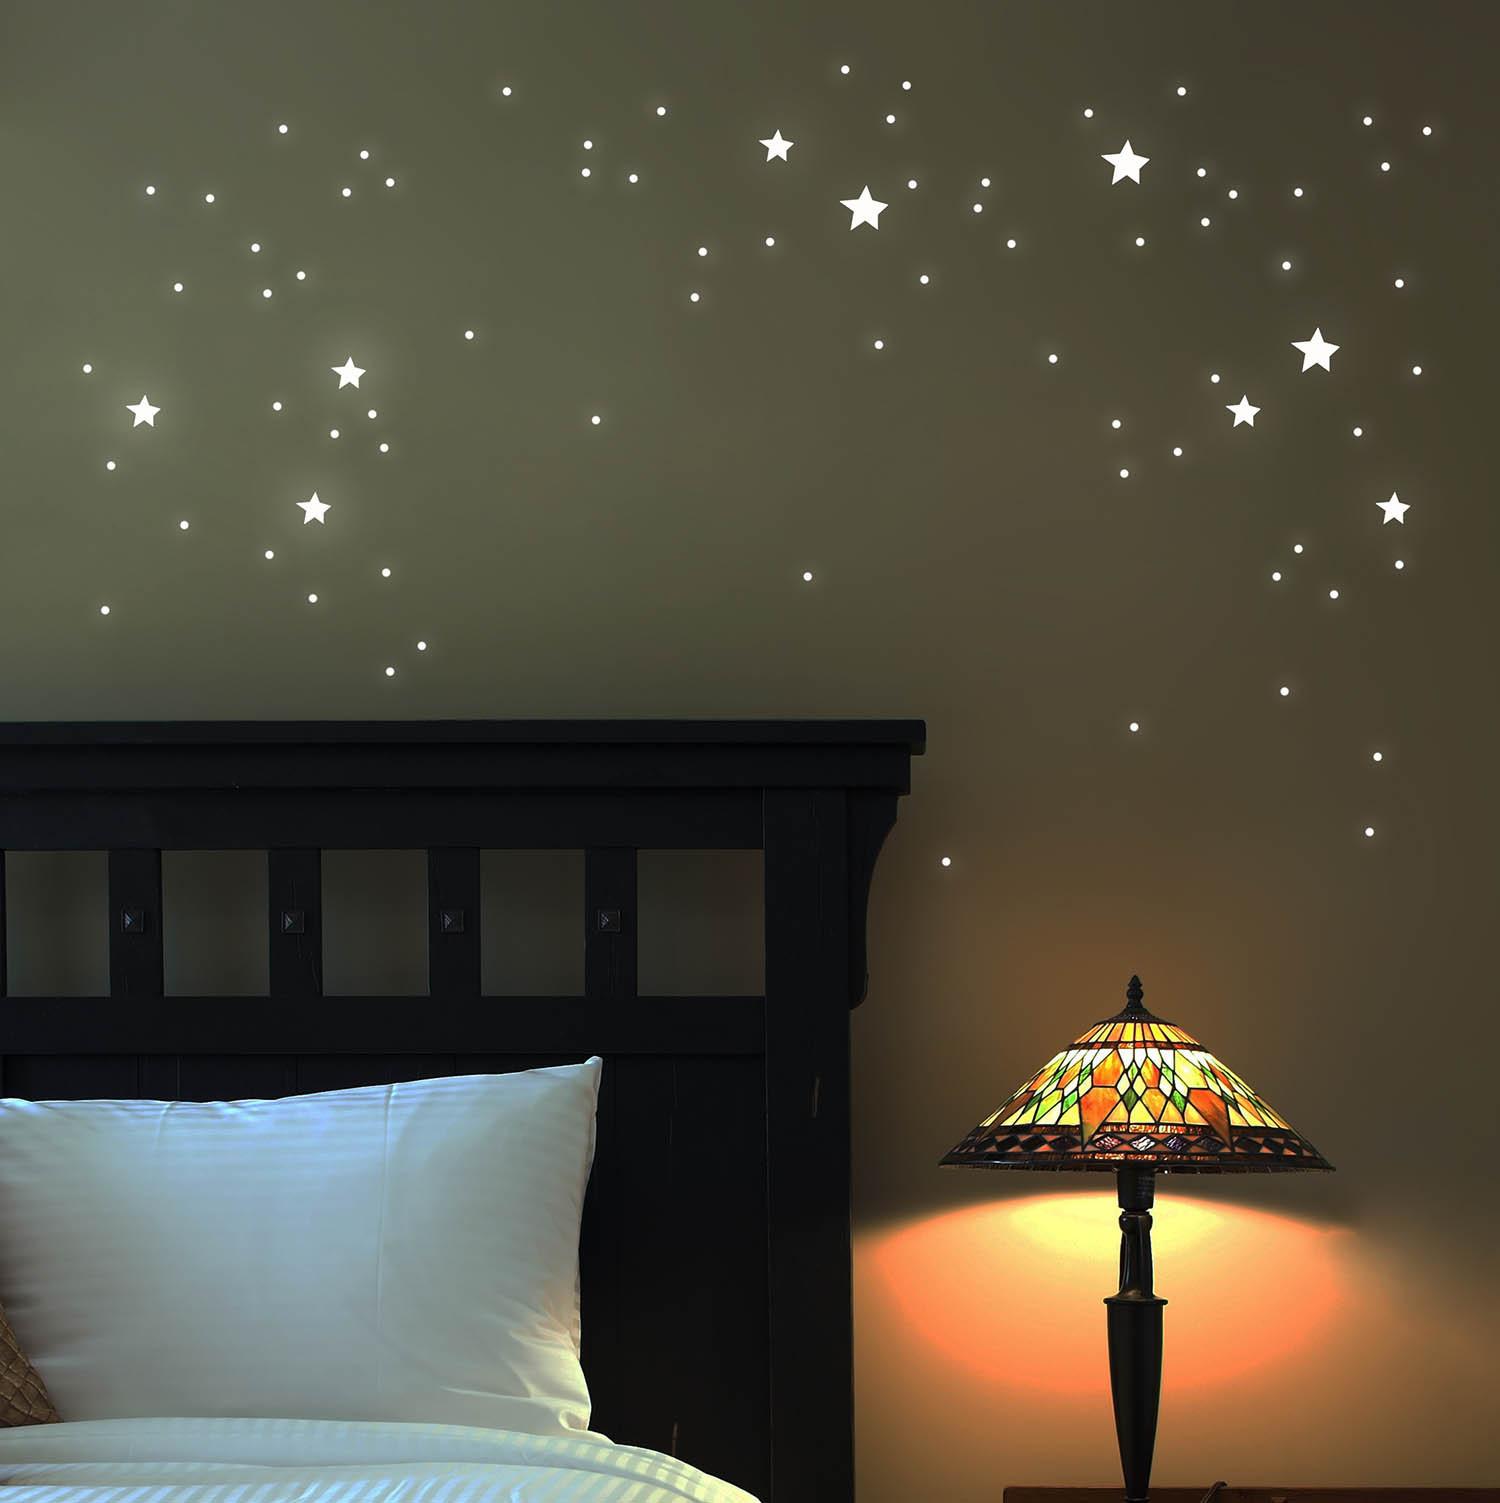 Wandtattoo Leuchtsterne Leuchtende Sterne Punkte